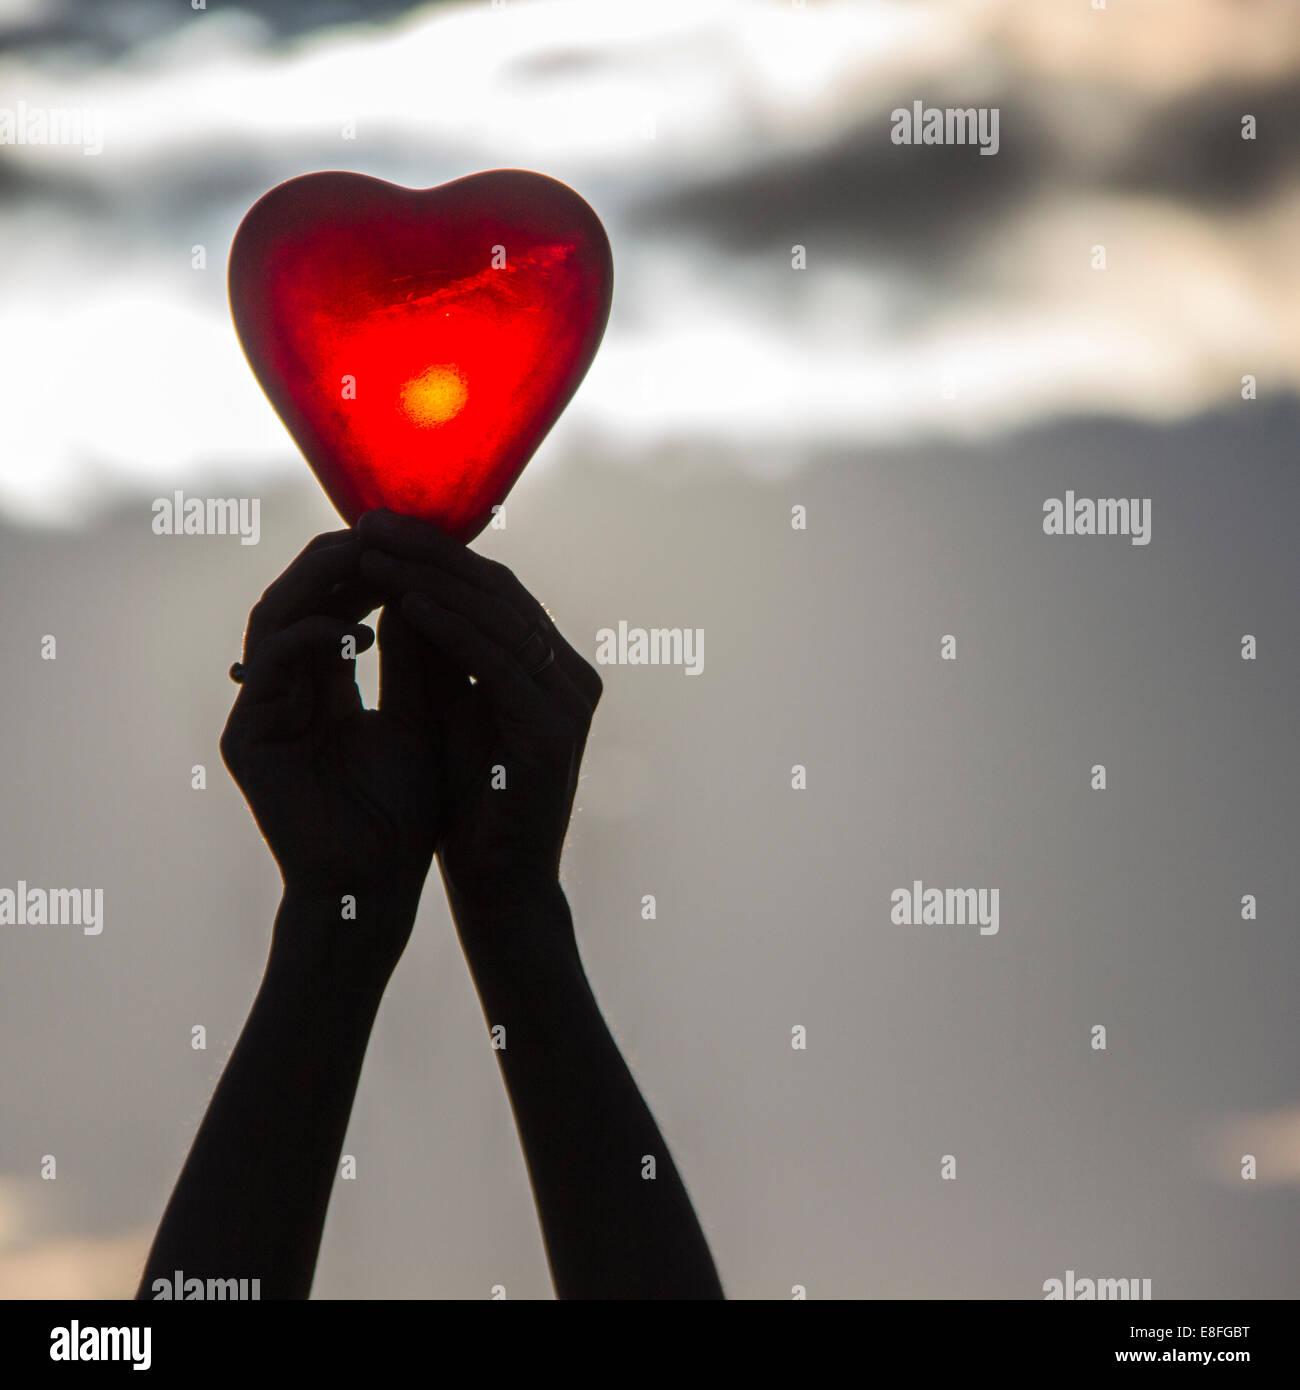 Manos de mujer sosteniendo un objeto con forma de corazón Imagen De Stock